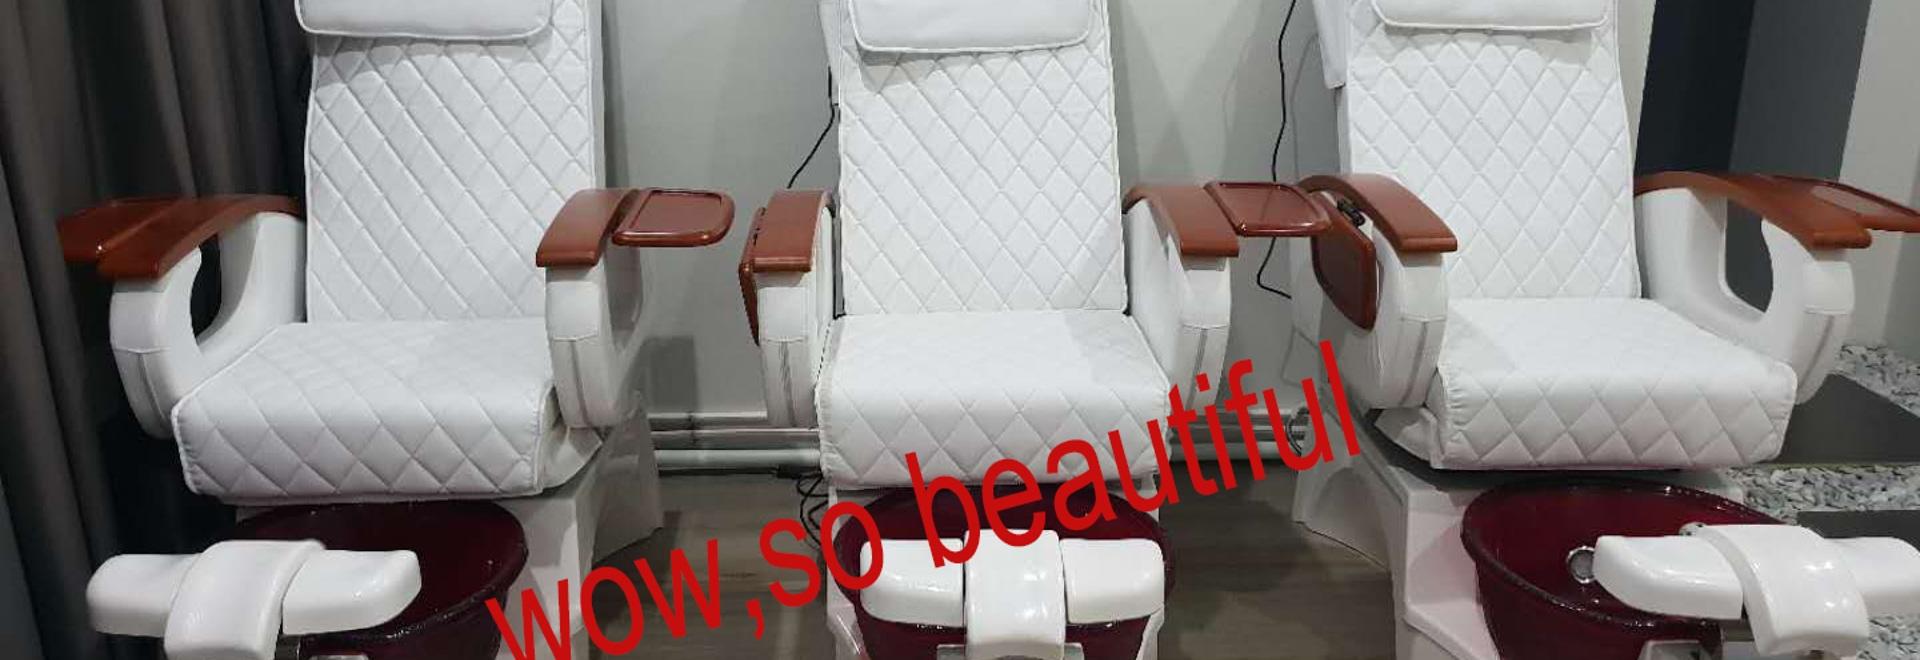 El feedback del sillón de pedicura